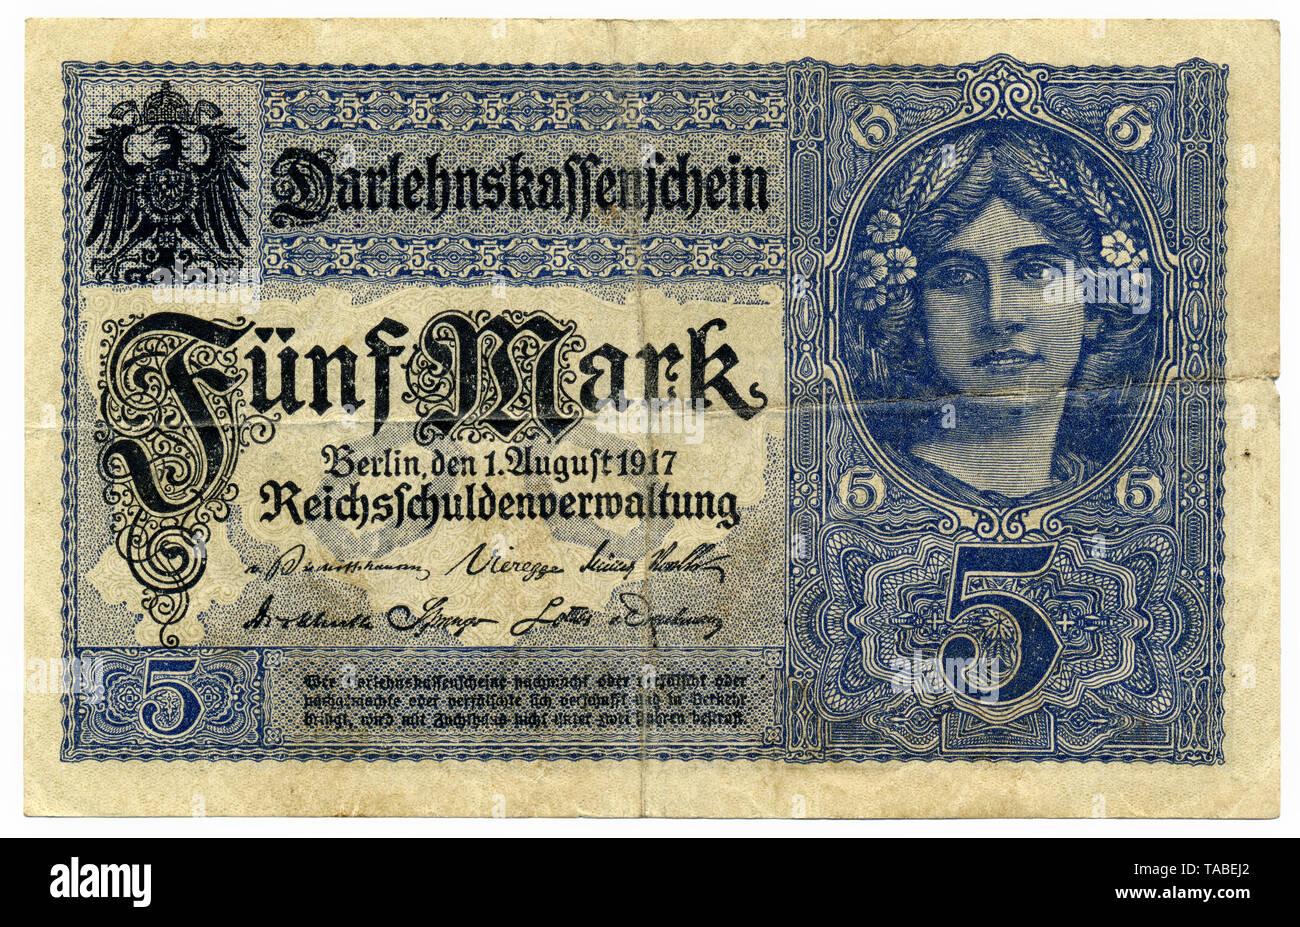 Darlehnskassenschein, historische Banknote, 5 Mark, 1917, Berlin, Deutschland Stockbild